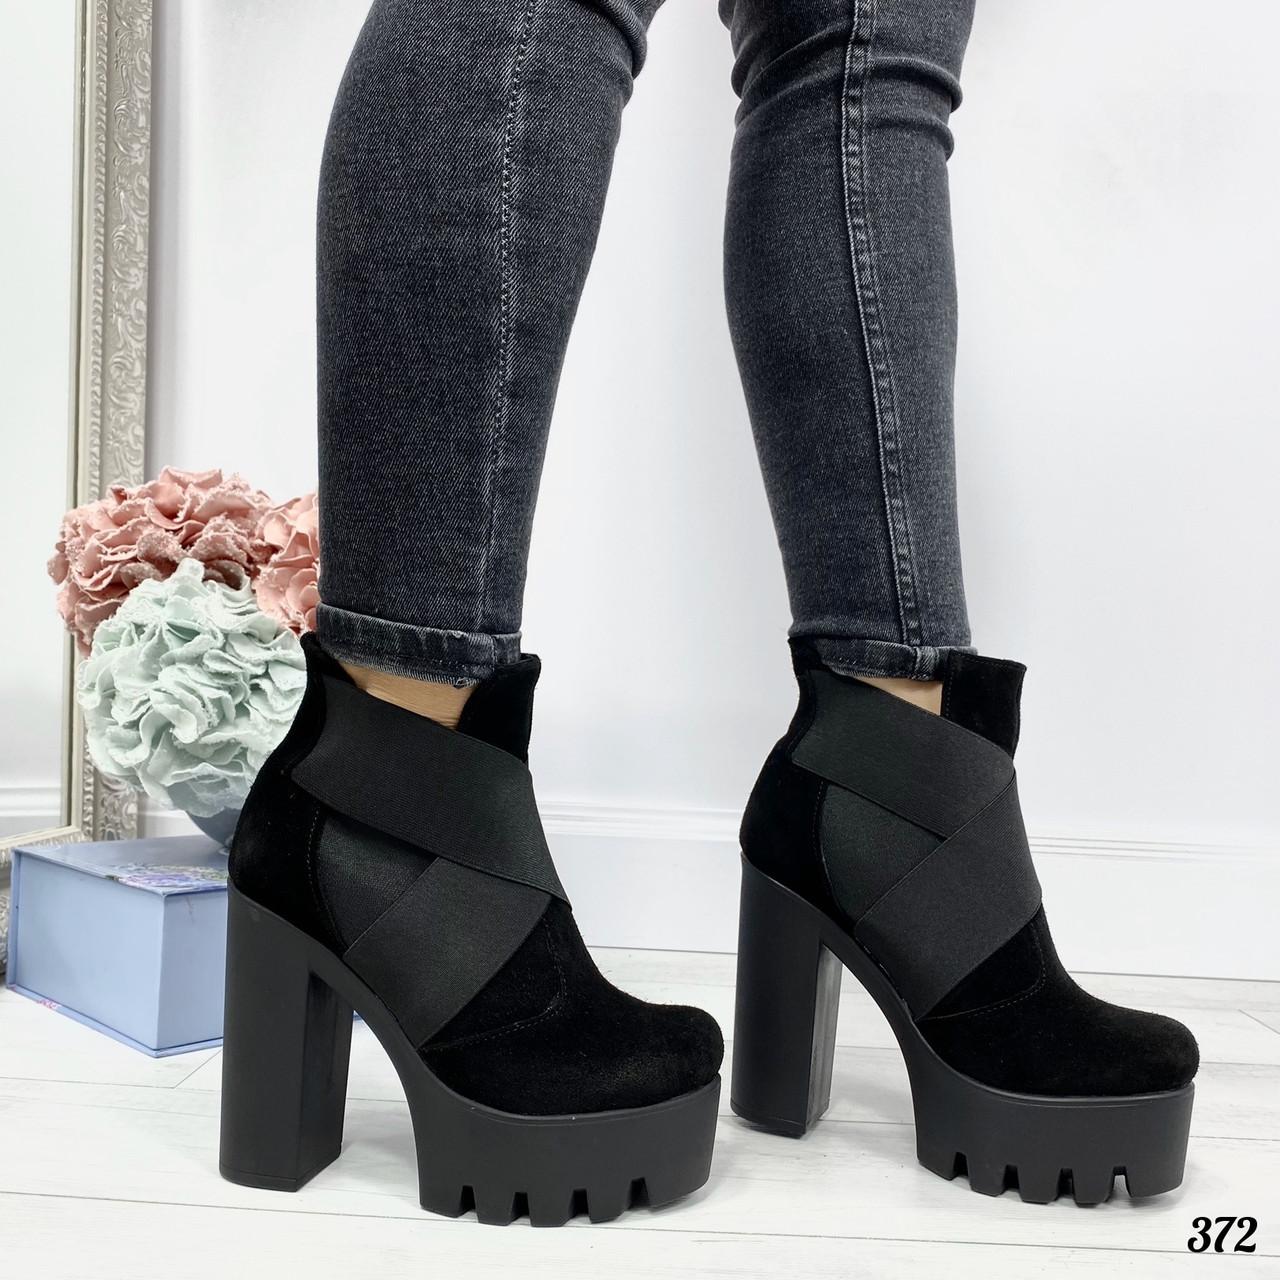 40 р. Ботинки женские зимние черные замшевые на высоком каблуке, из натуральной замши, натуральная замша